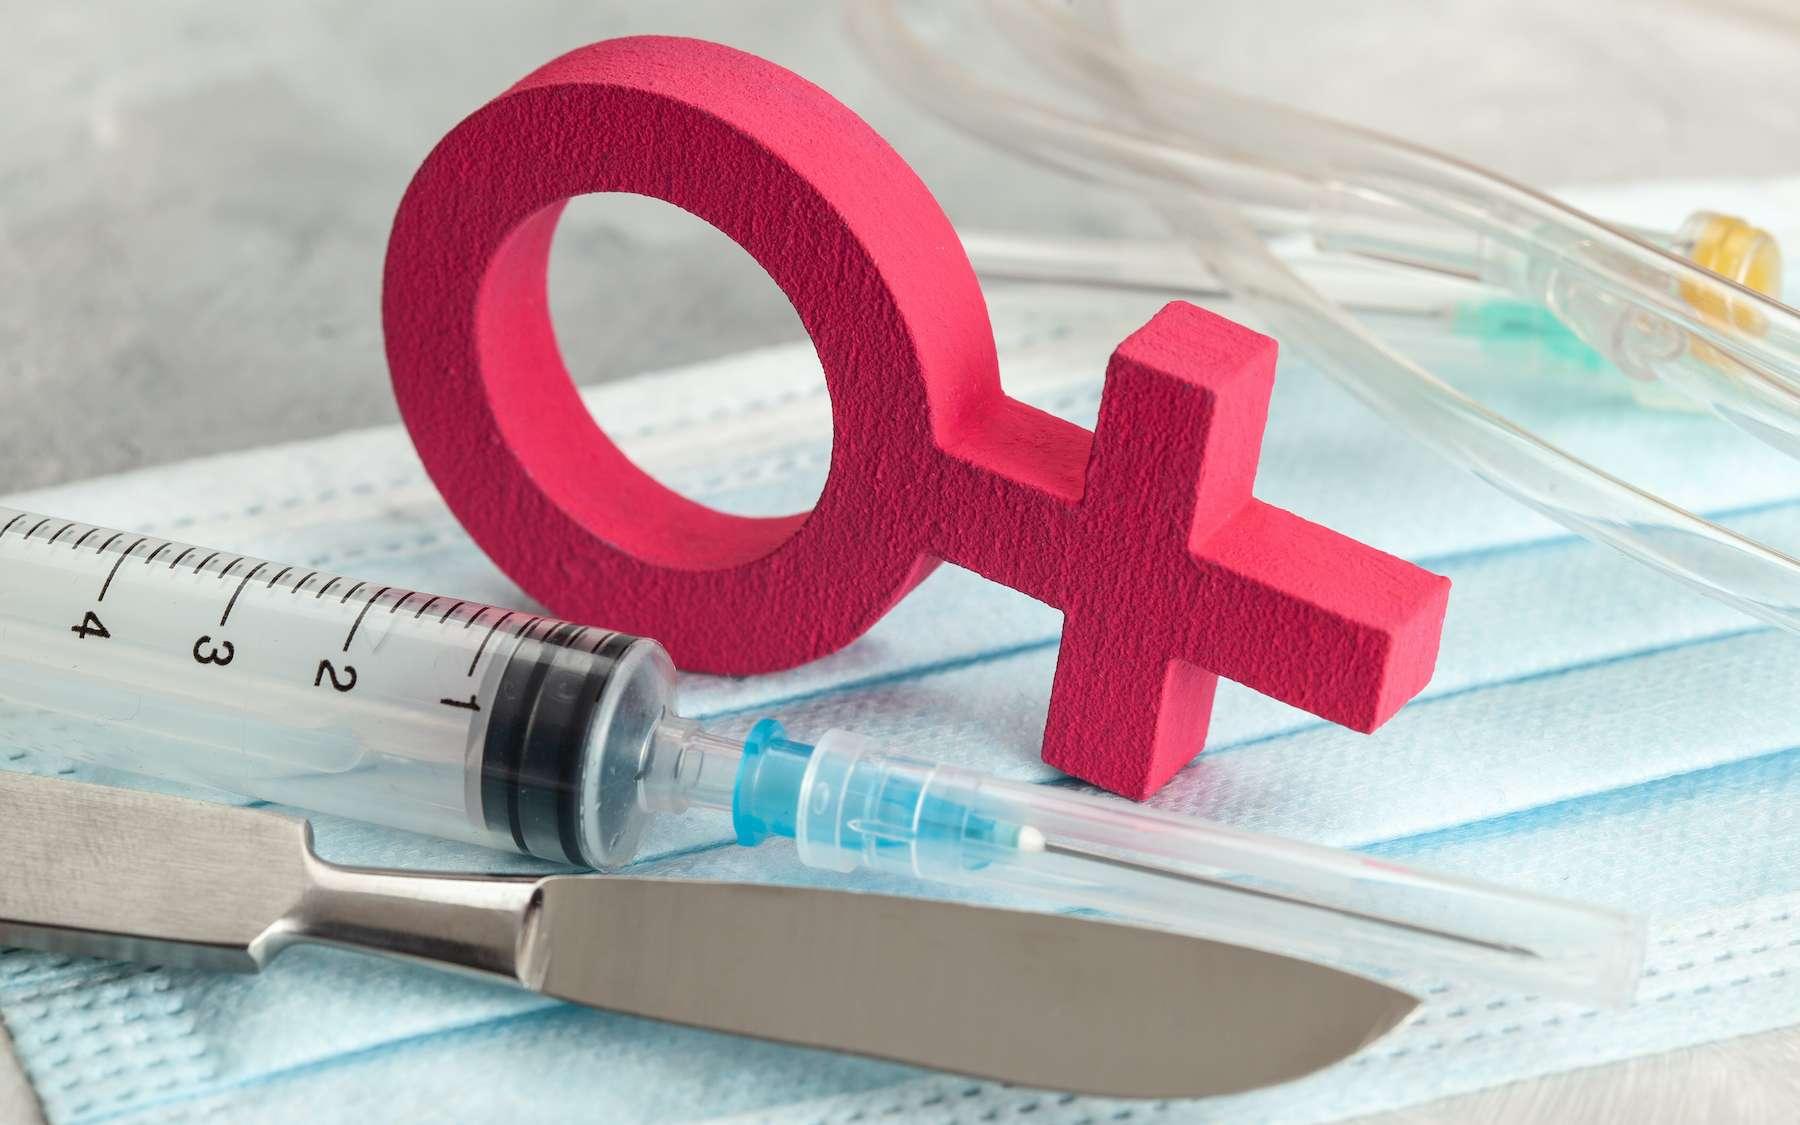 Les femmes souffrent davantage d'effets secondaires suite à l'injection du vaccin. © adragan, Adobe Stock